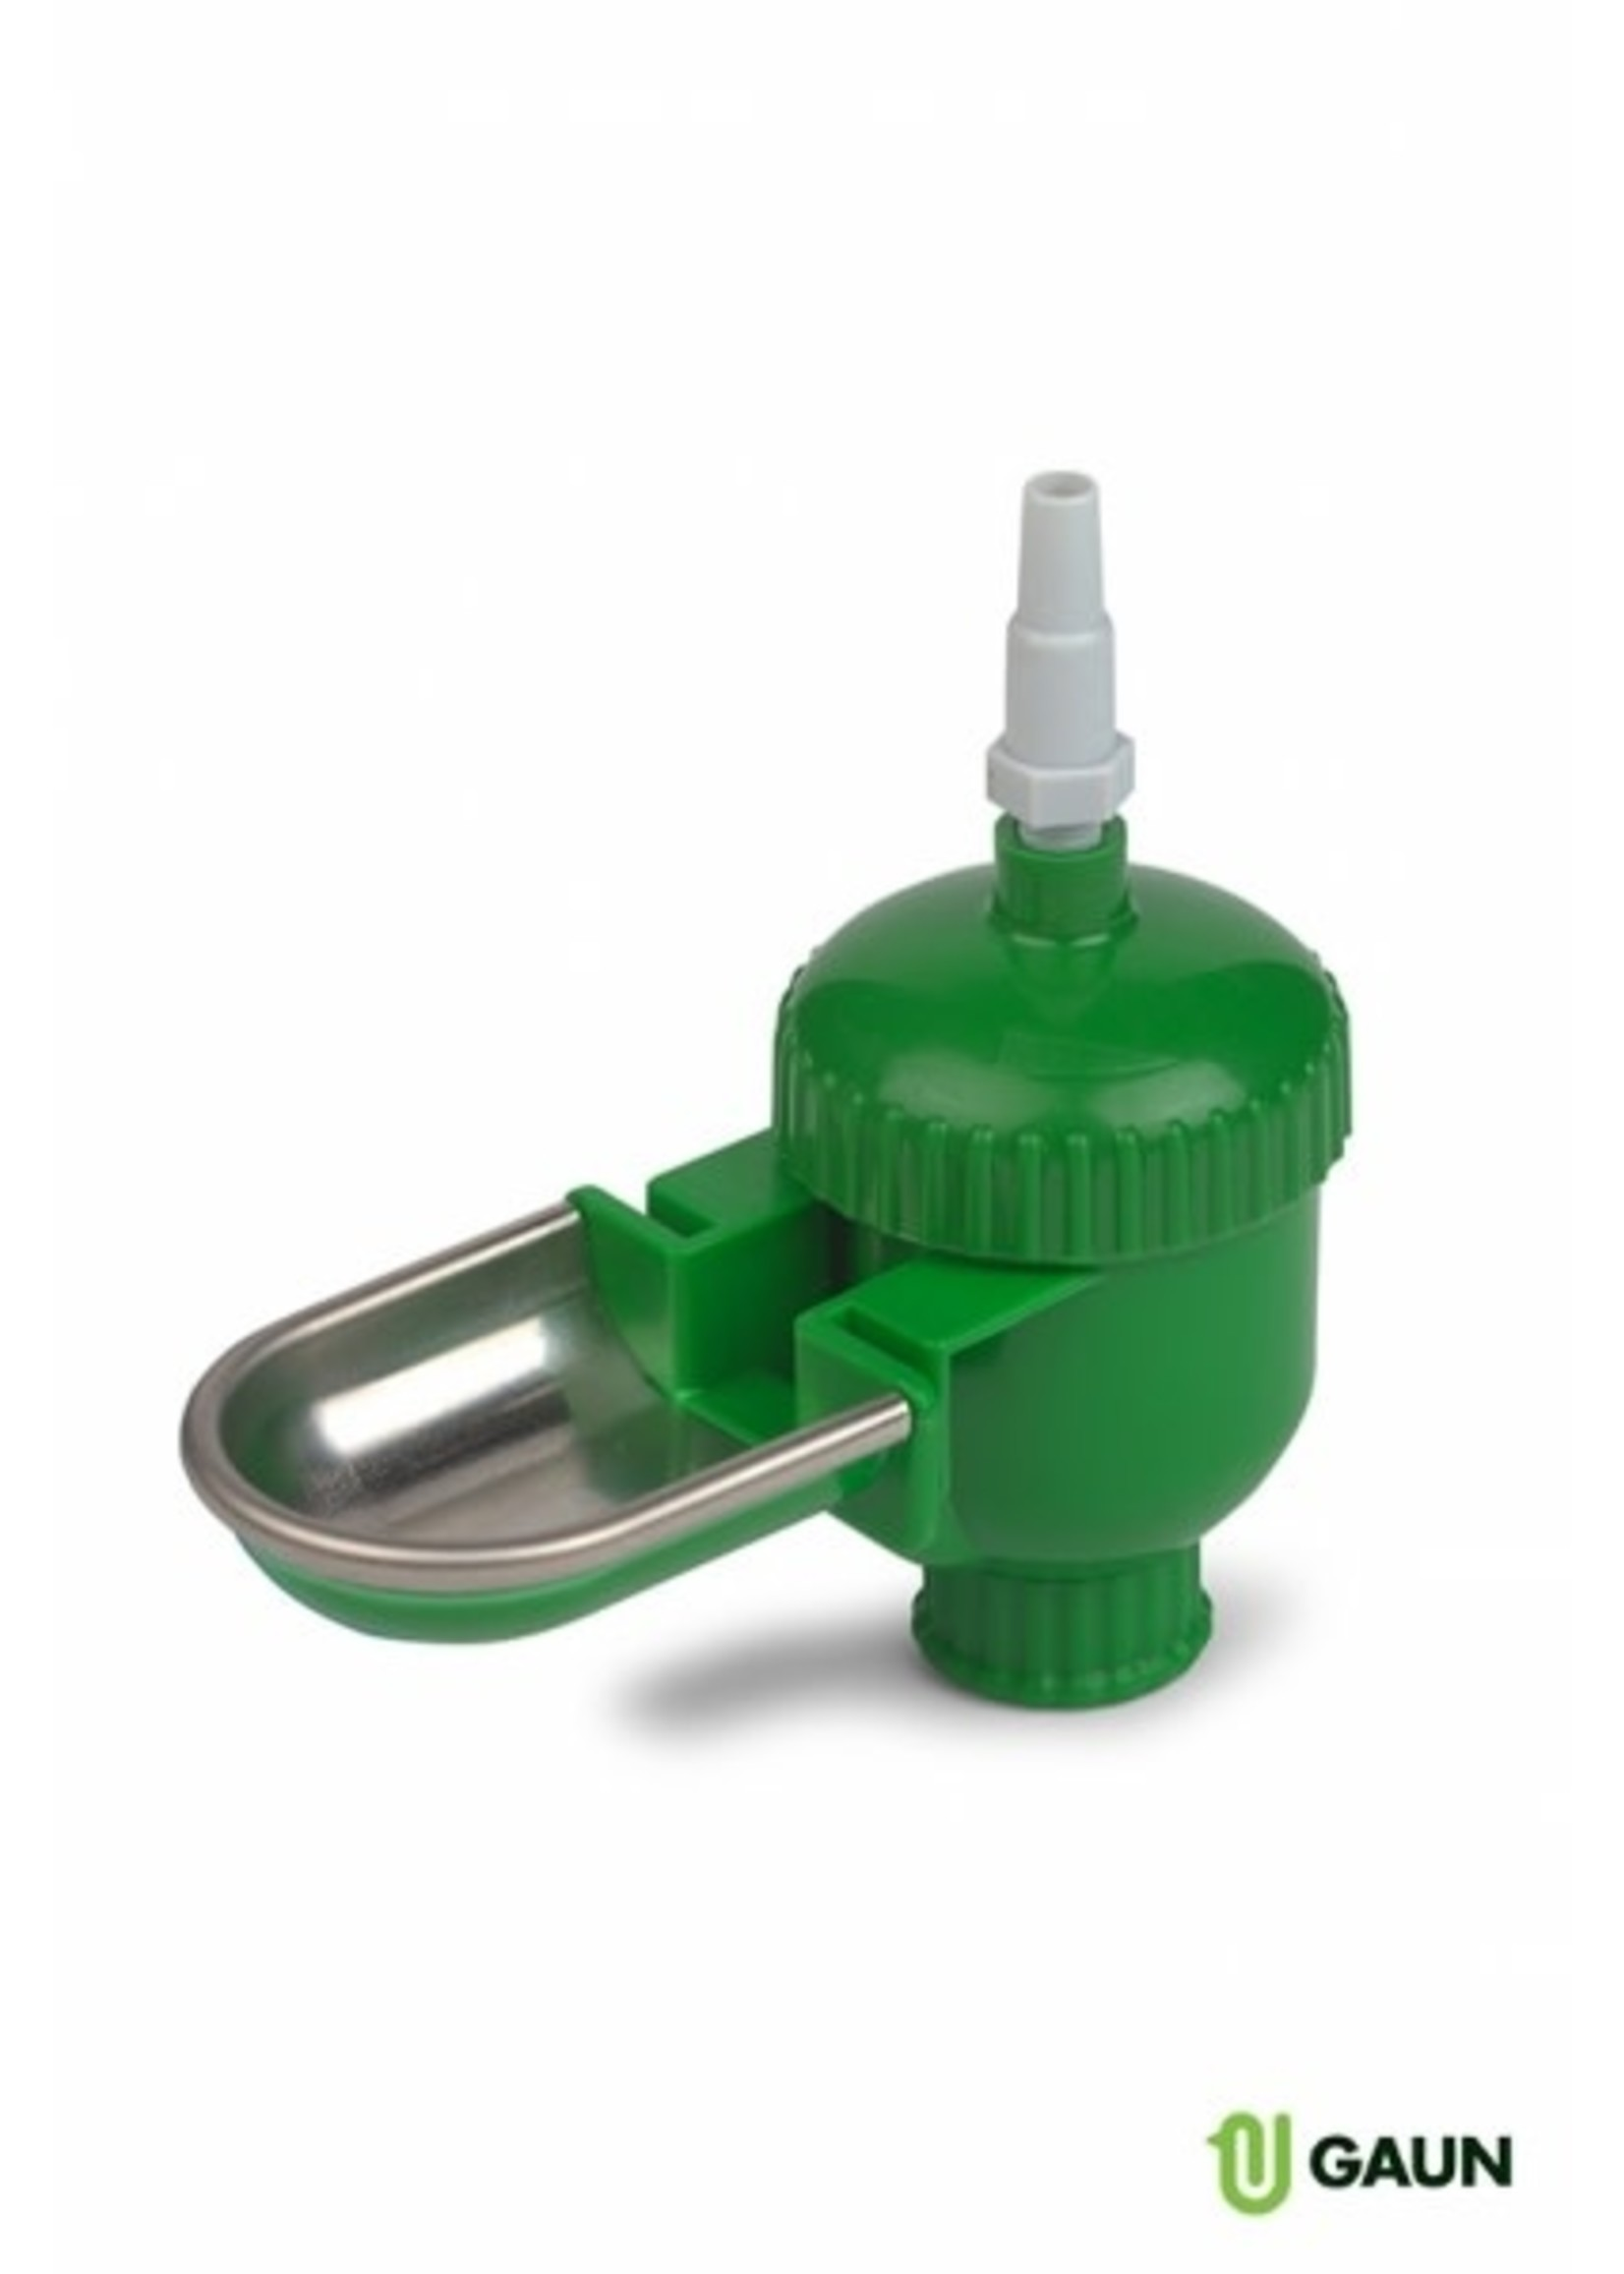 Gaun Abreuvoir mini automatique lapin, vert forêt